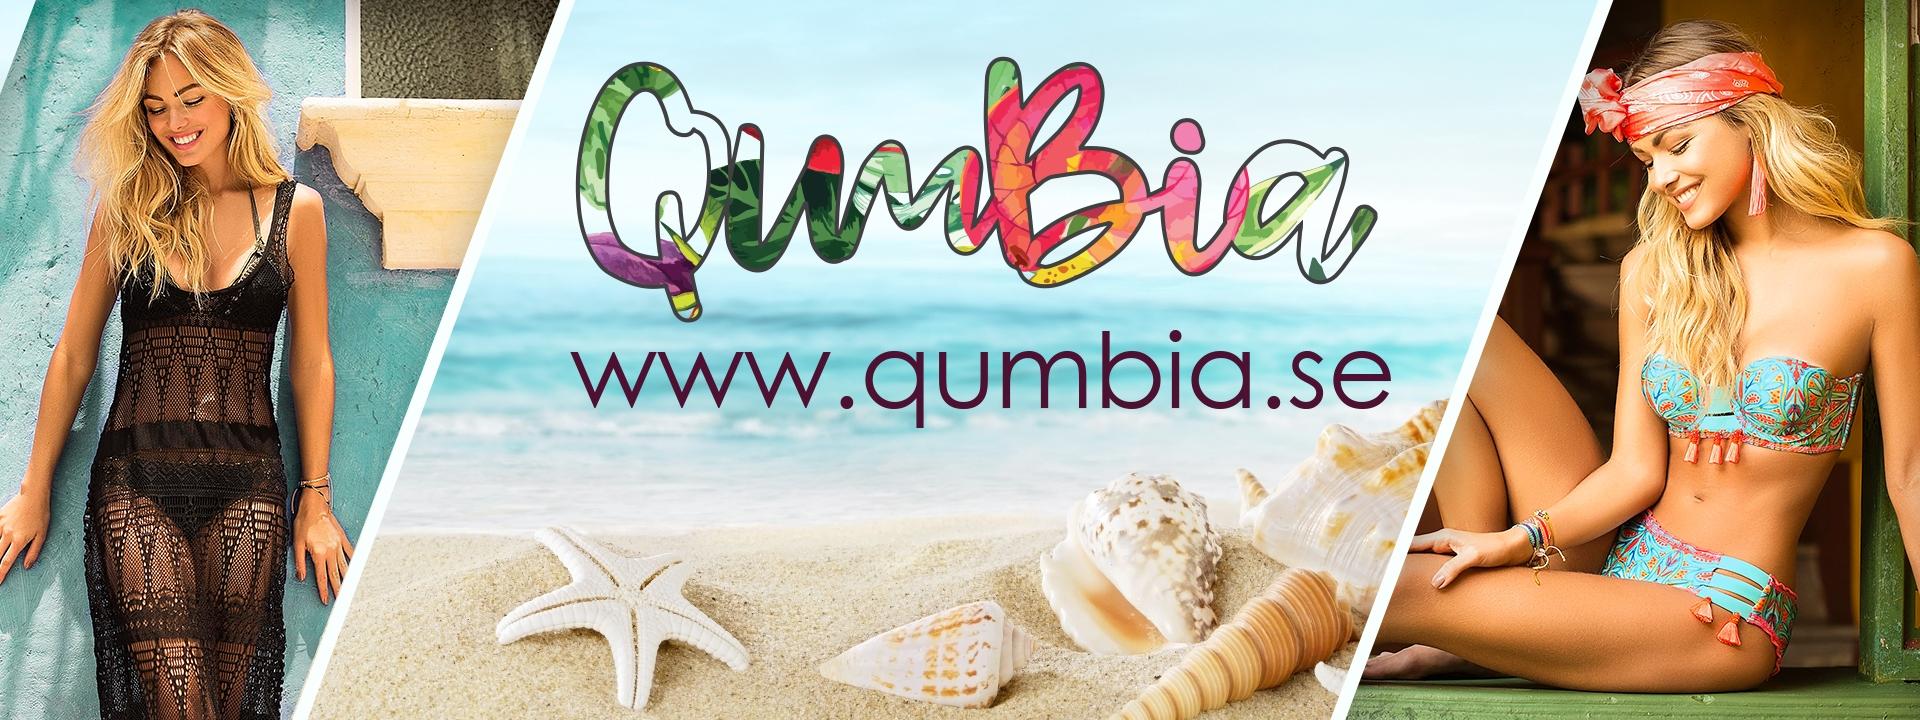 Qumbia